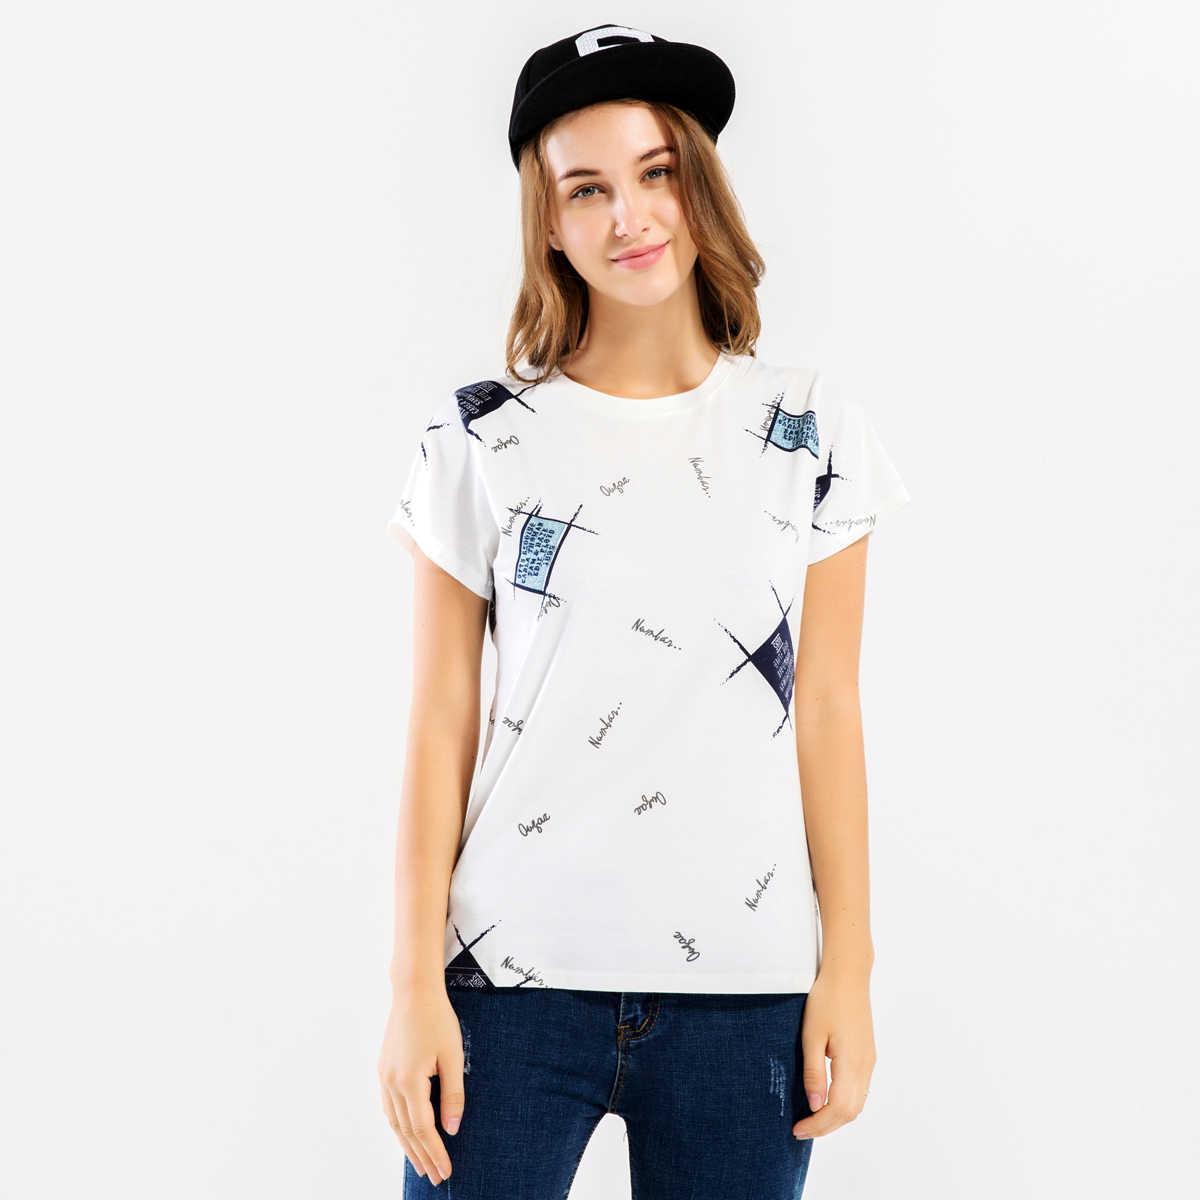 Haut Femme с забавной надписью Объёмный рисунок (3D-принт) camisetas женские 2019 летняя футболка с короткими рукавами с О-образным вырезом футболки Топ для женщин бодибилдинг одежда S-XL